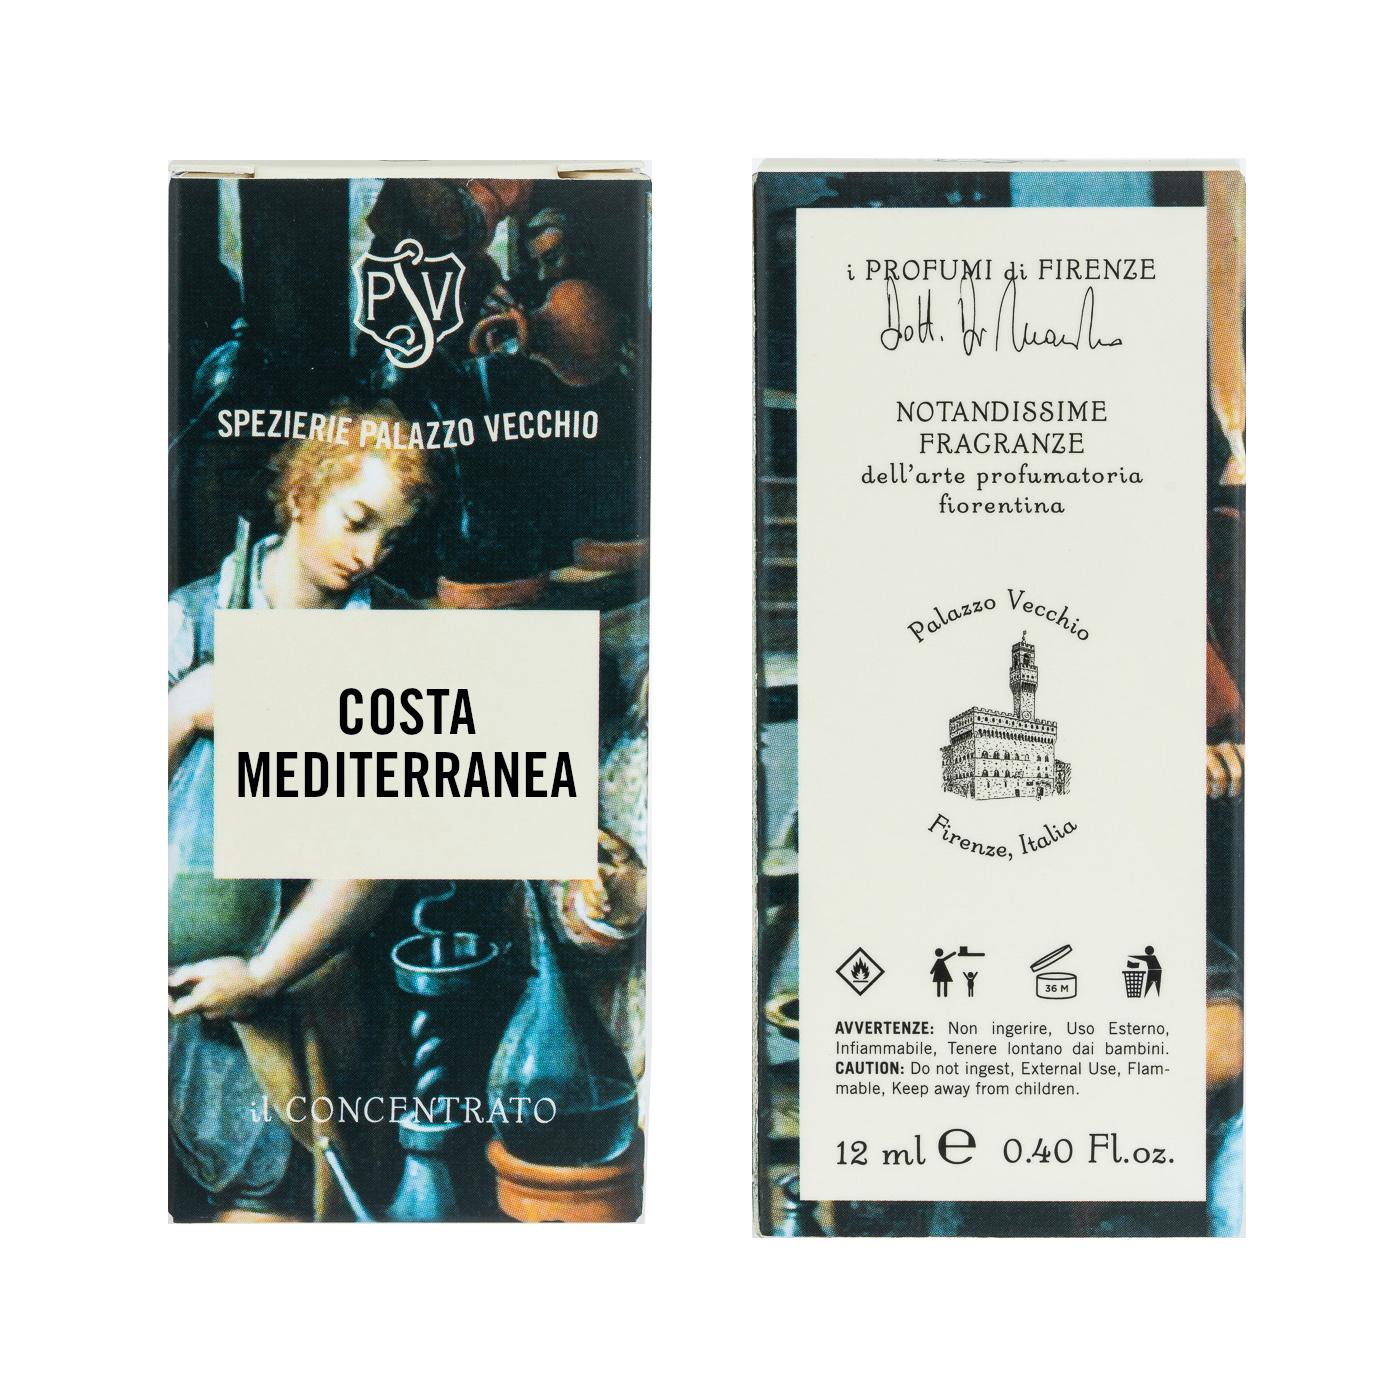 COSTA MEDITERRANEA - Il Concentrato-3889